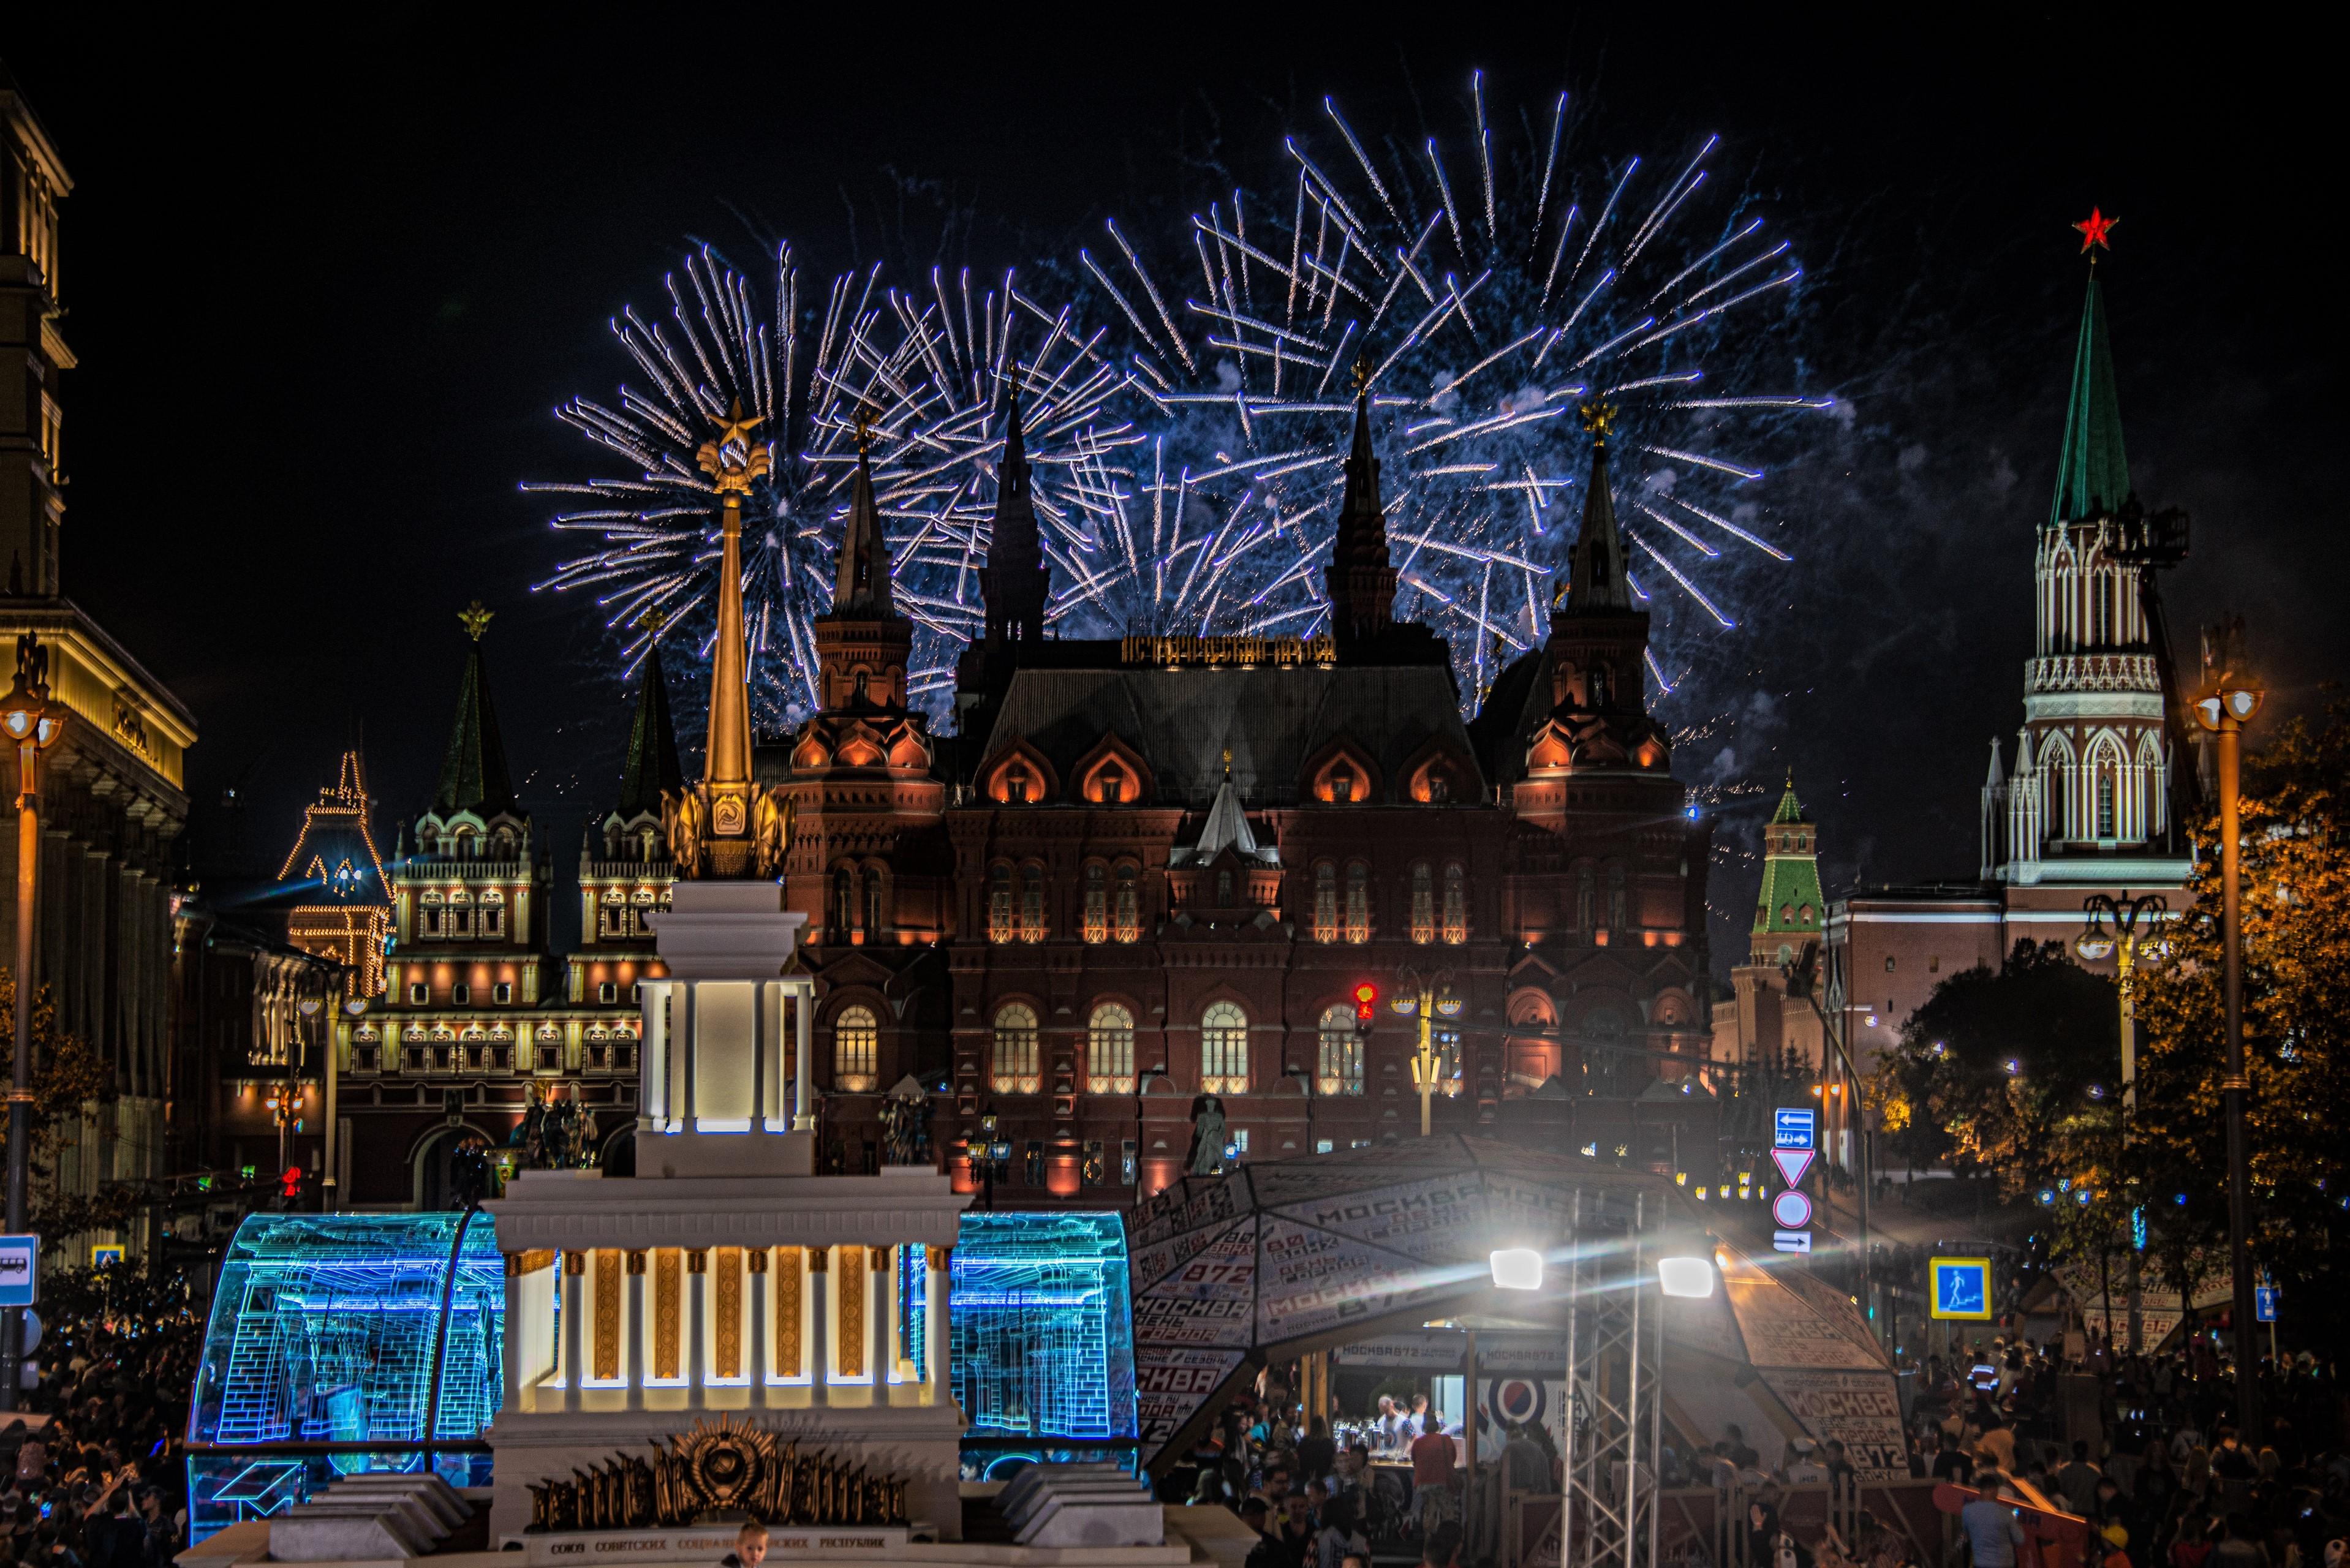 Традиционное празднование Дня города пройдет в первые выходные осени. Фото: Наталья Феоктистова, «Вечерняя Москва»